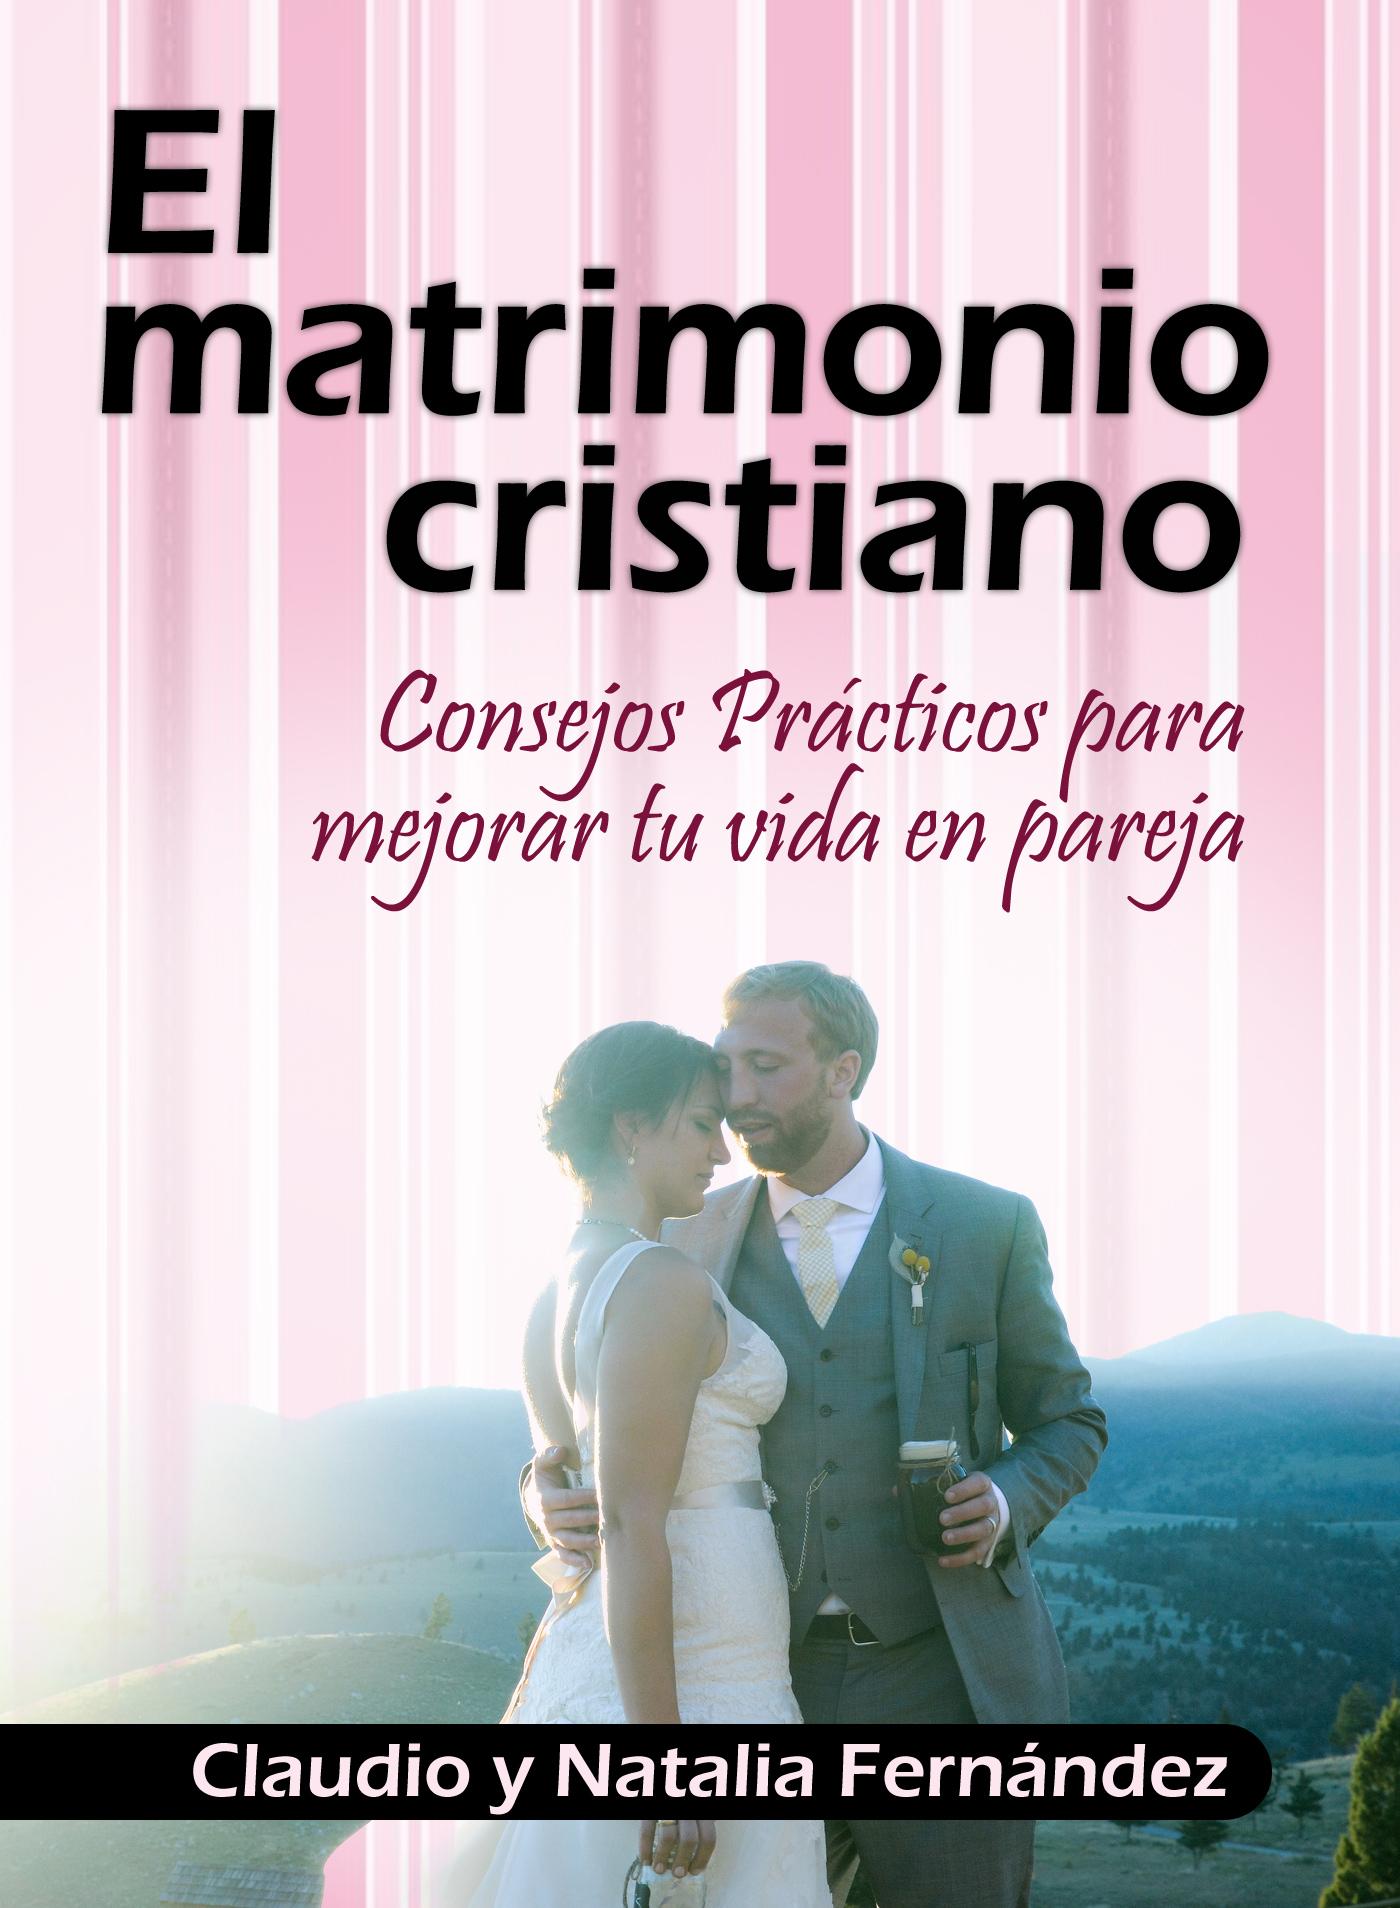 smashwords  u2013 el matrimonio cristiano  u2013 a book by claudio y